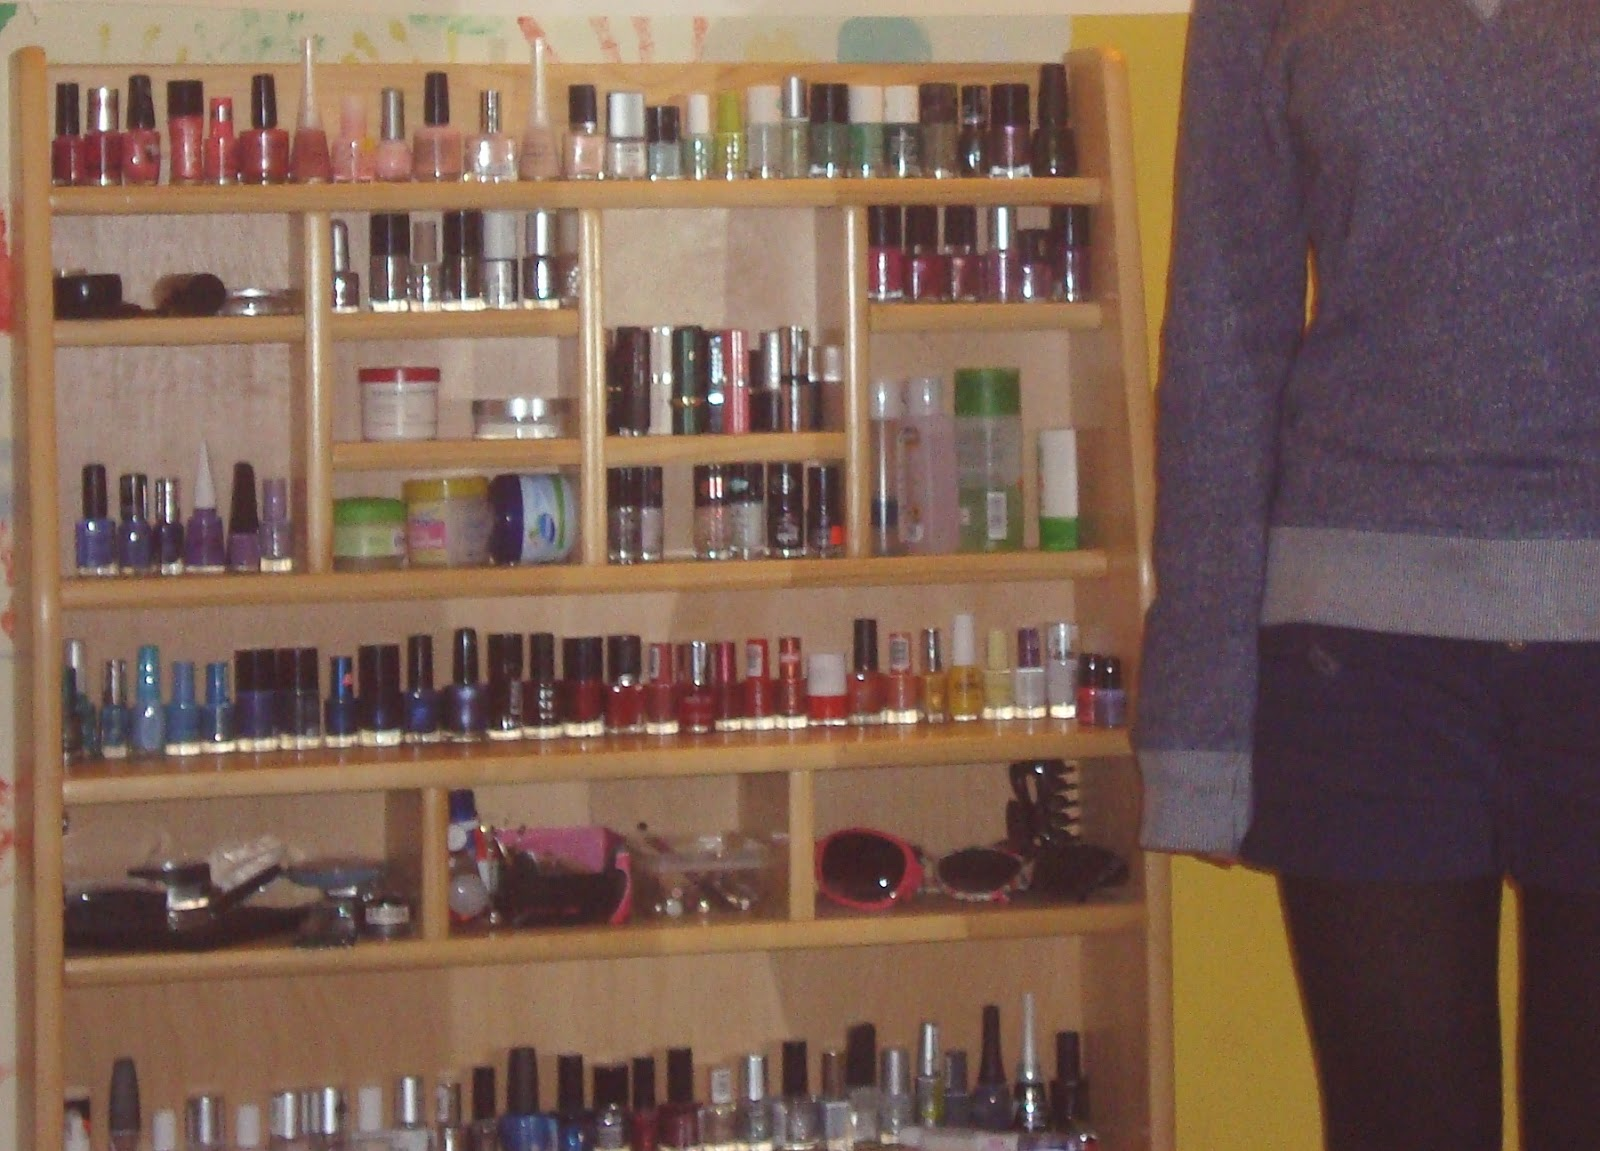 xoxo: nagellack - aufbewahrung - kaufladen :3